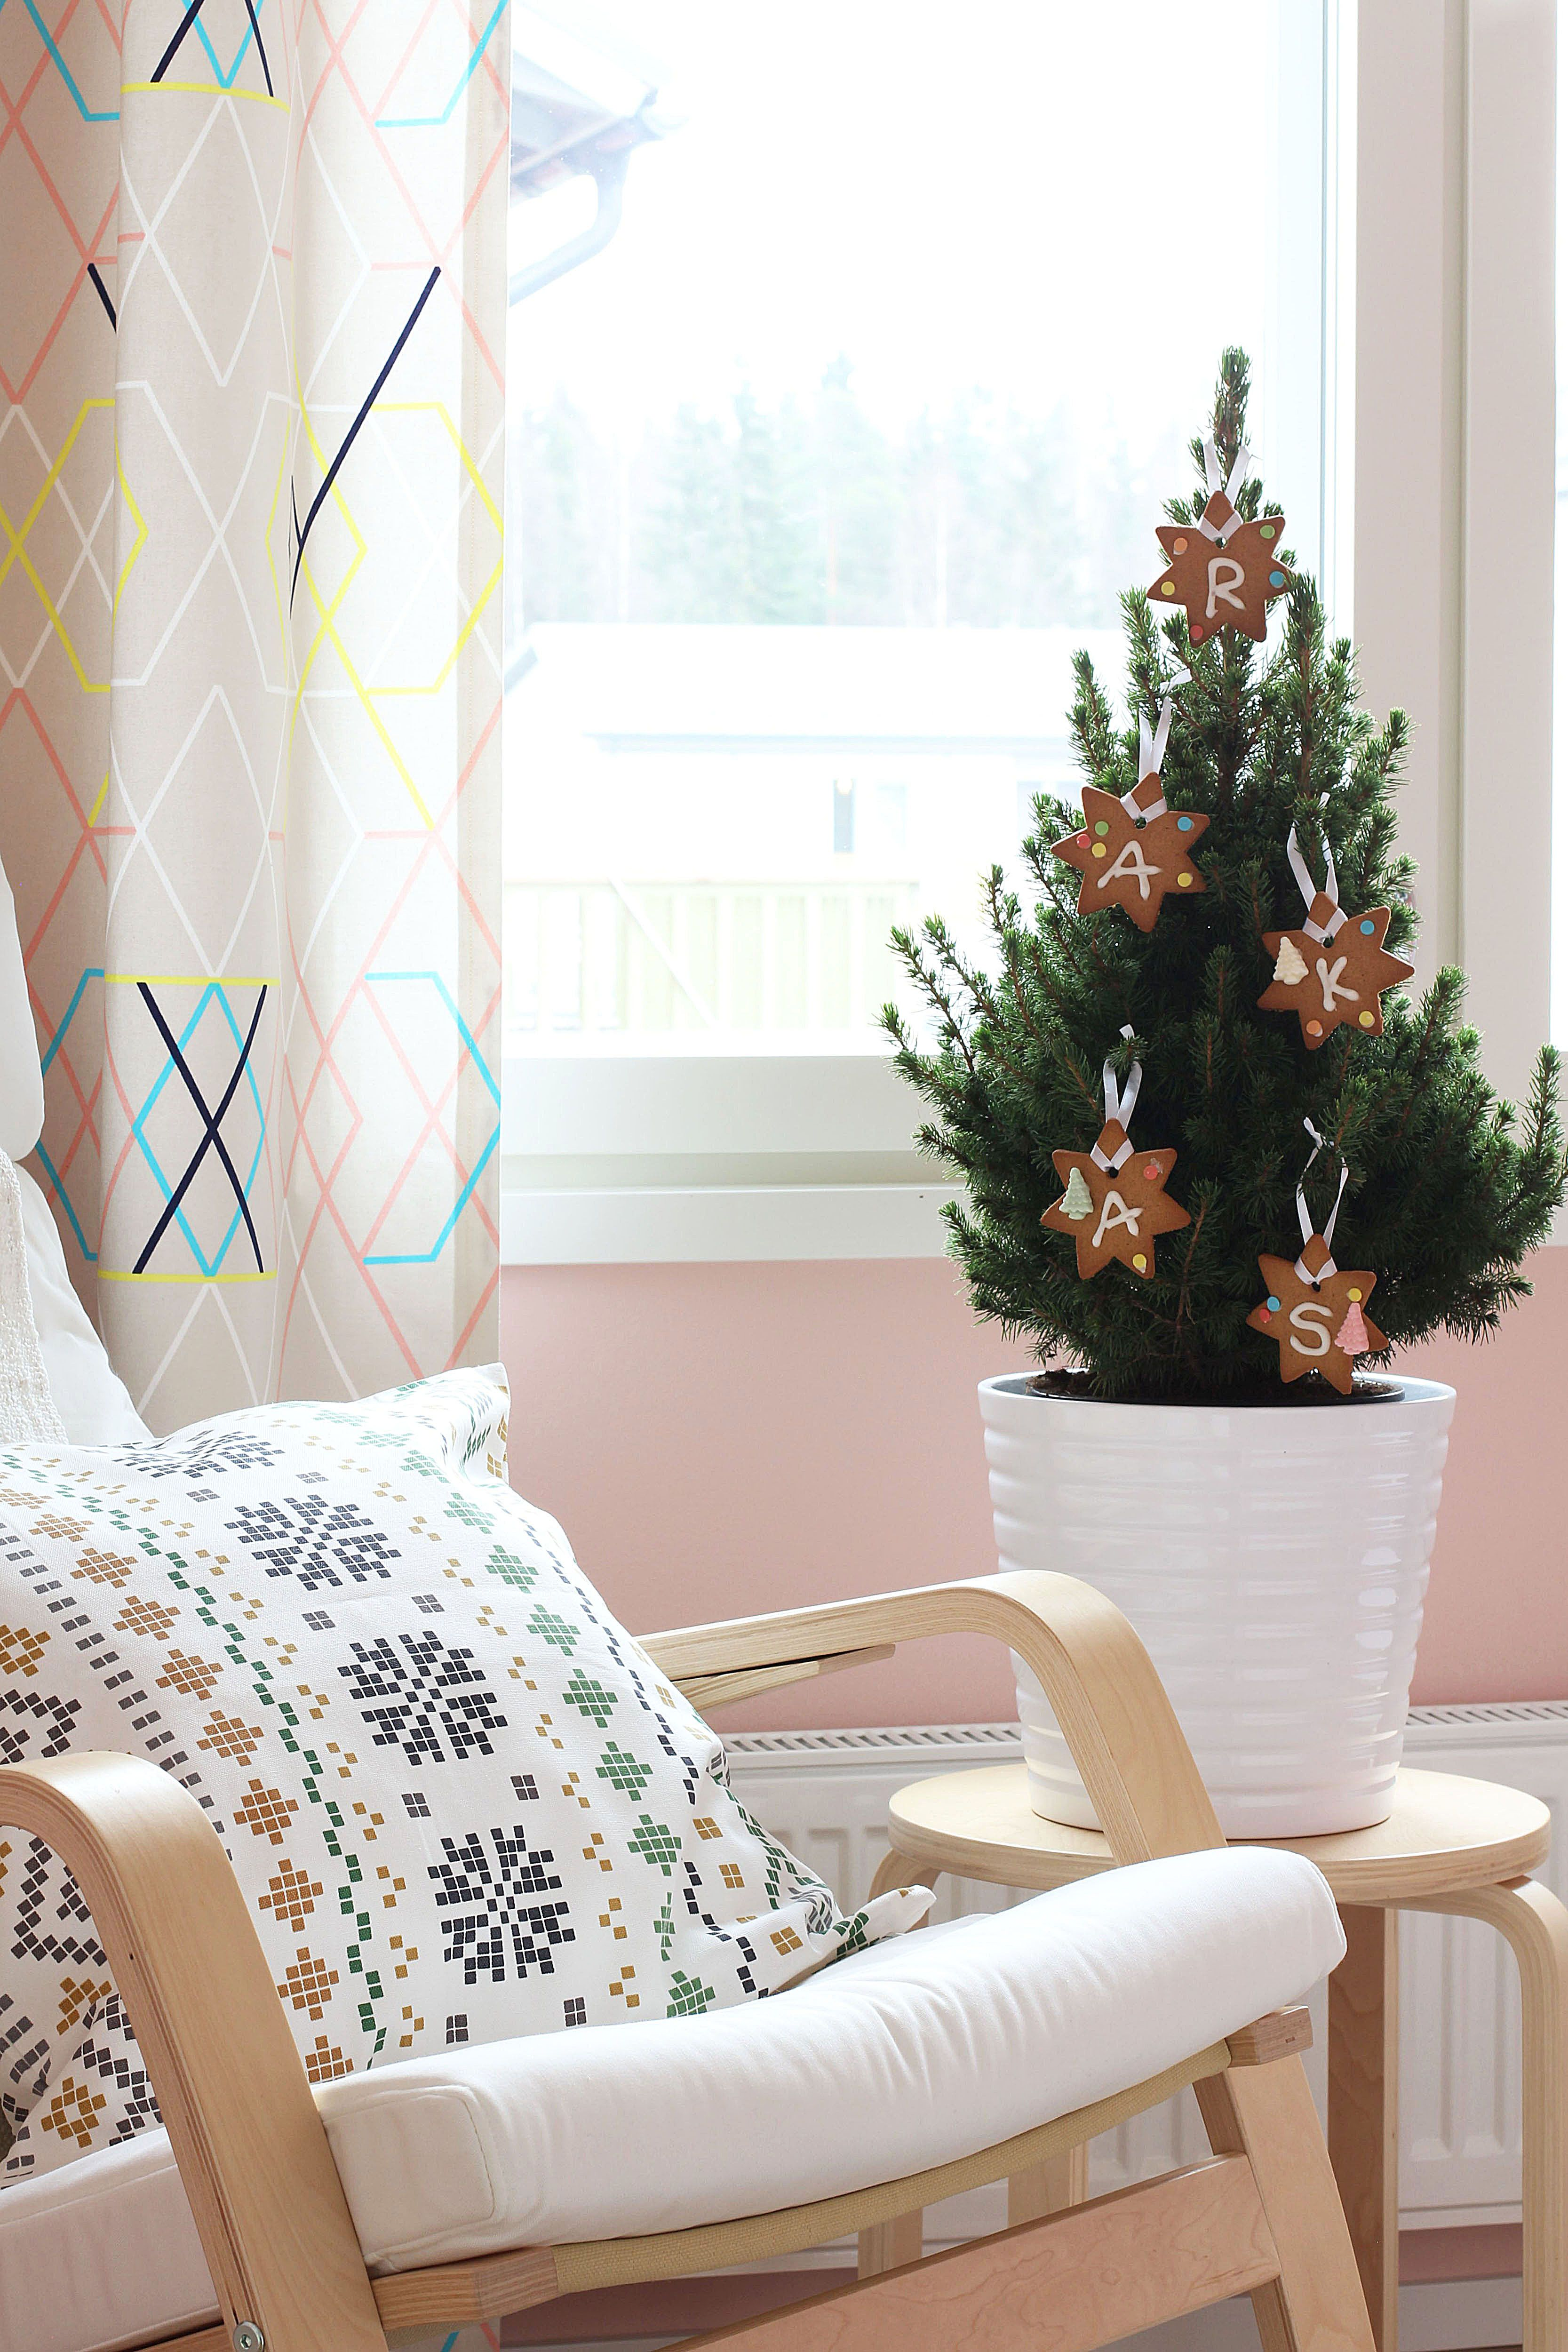 Vaalenpunainen joulu BoKlok-kodissa Vantaan Nikinkummussa.